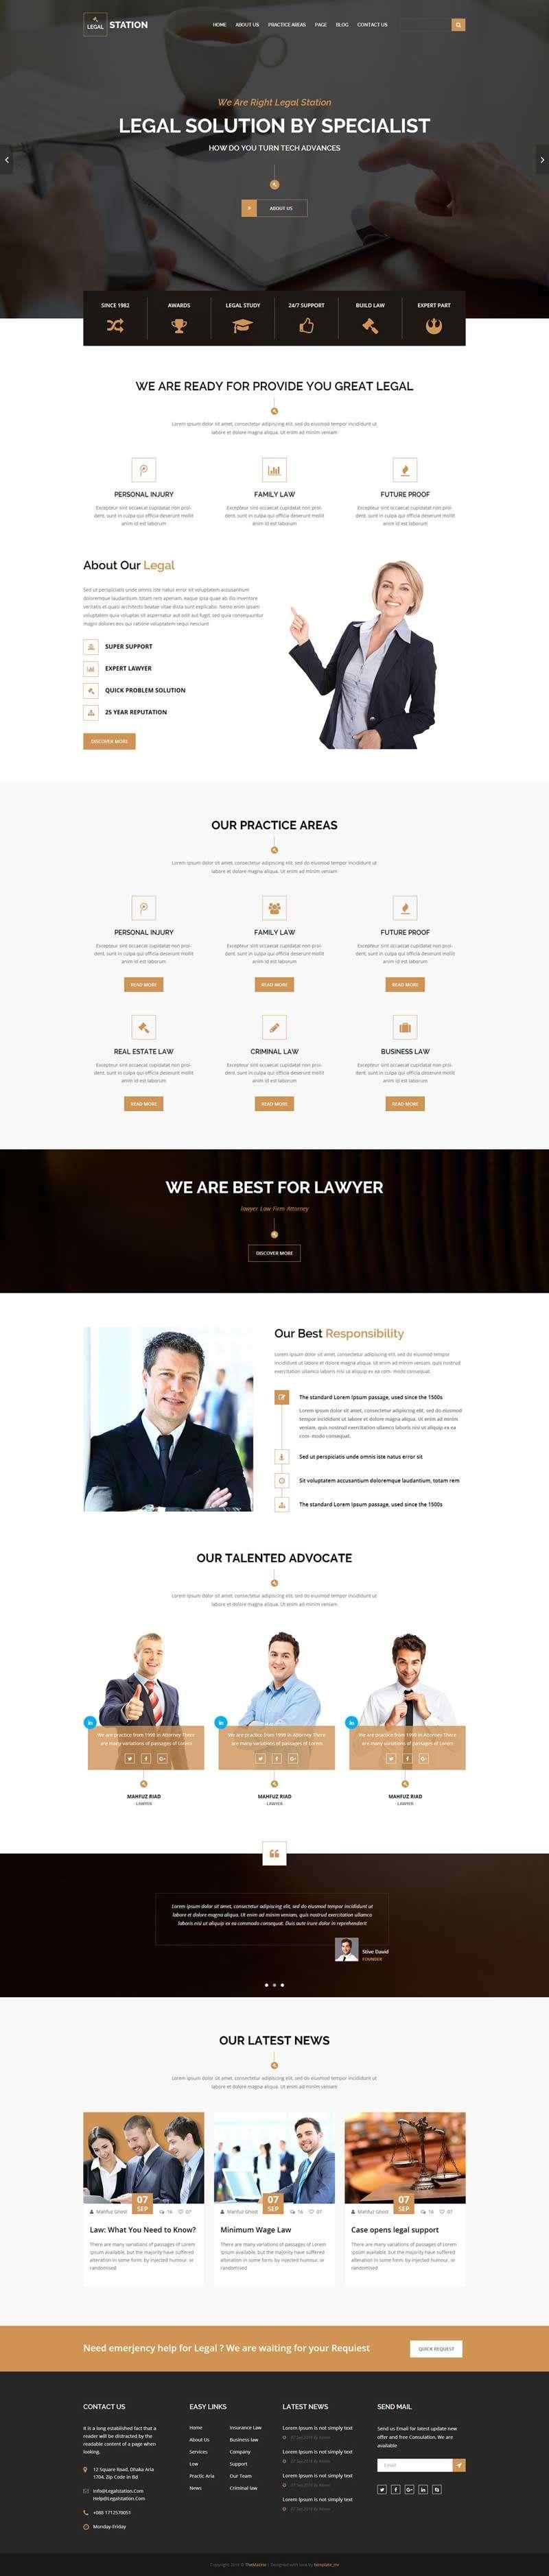 大气的律师事务所法律咨询网站响应式模板